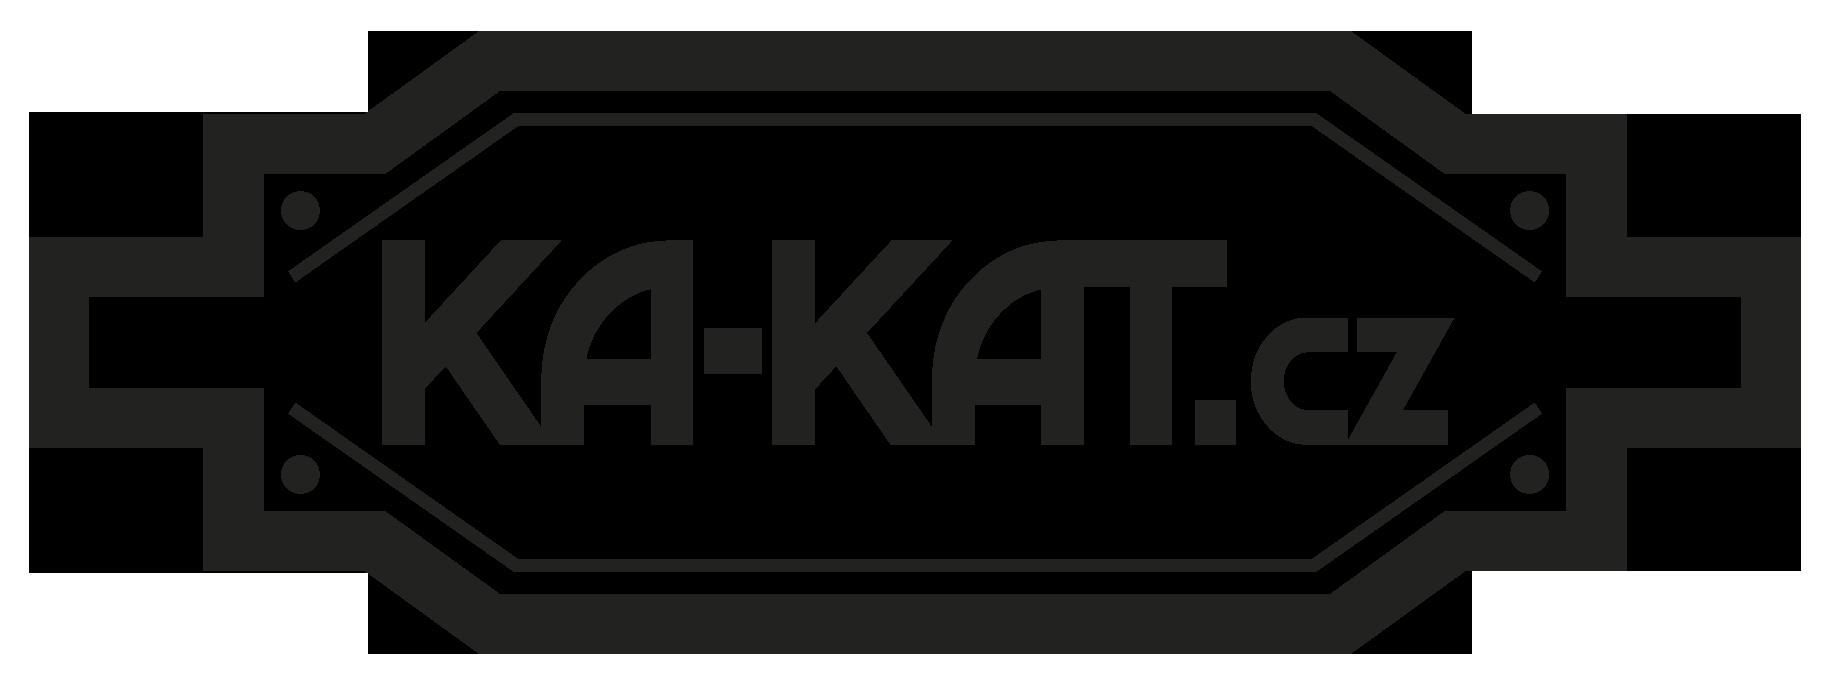 Ka-Kat